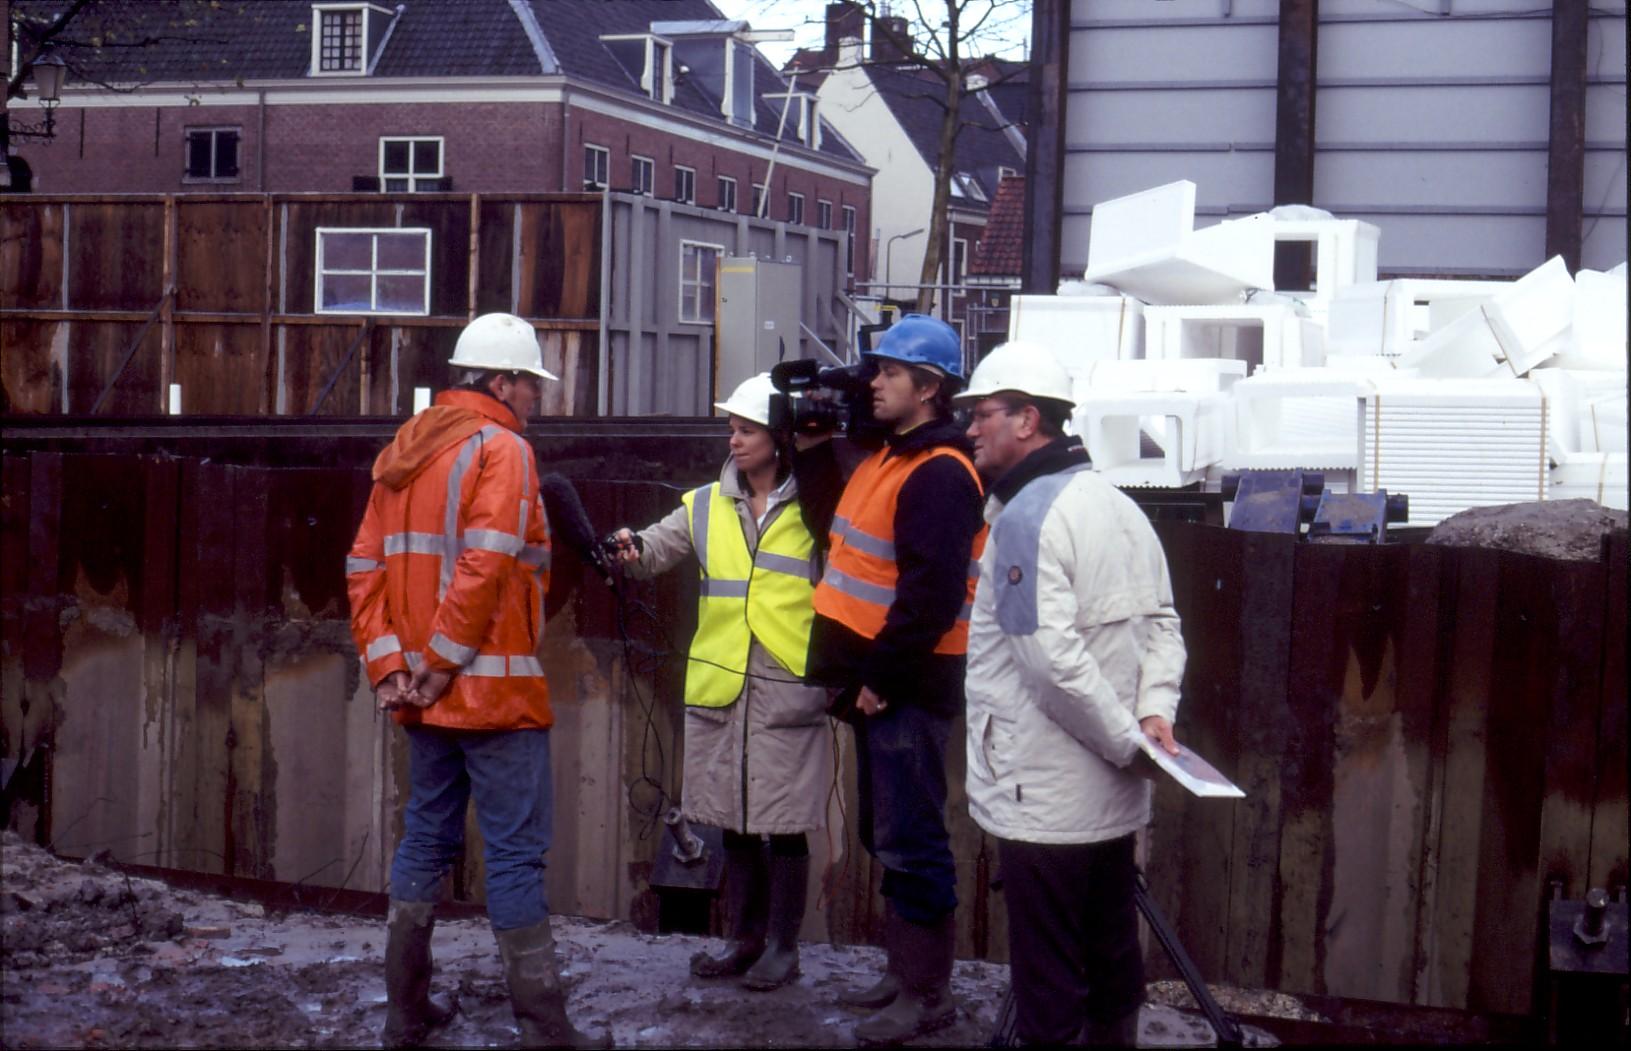 Tom Hazenberg geeft met wethouder Groenewegen een interview over het demonteren van het vrachtschip Woerden 7, foto Mart Scheer